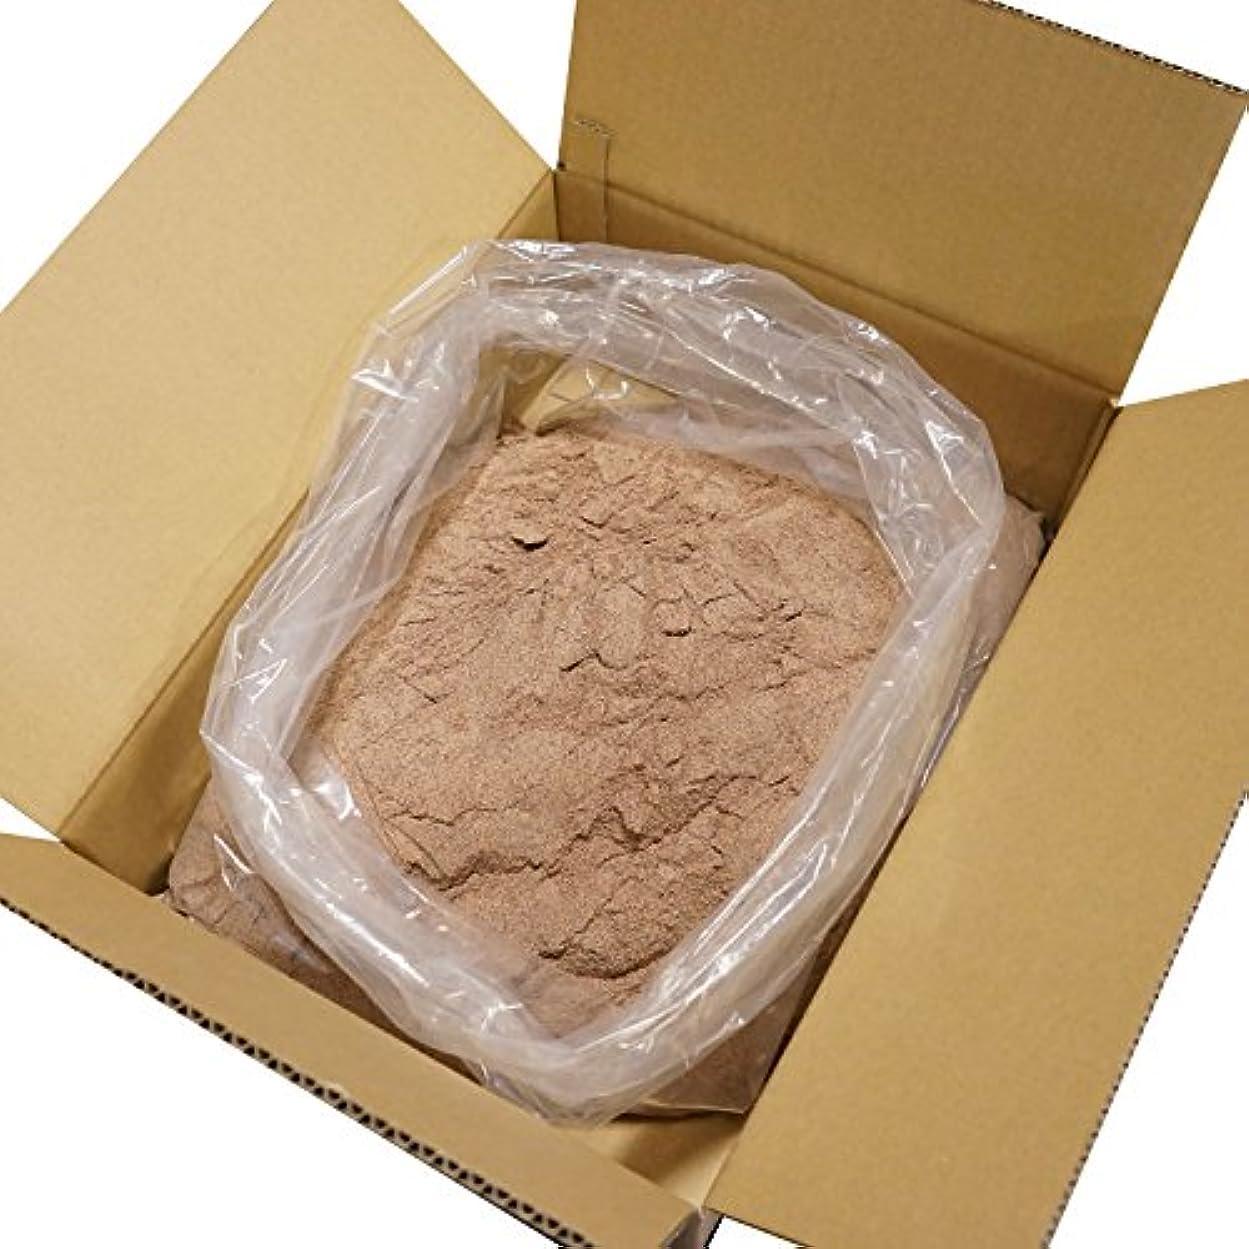 市場エゴイズム激怒ヒマラヤ 岩塩 ブラック パウダー 細粒タイプ 業務用 原料 (10kg)